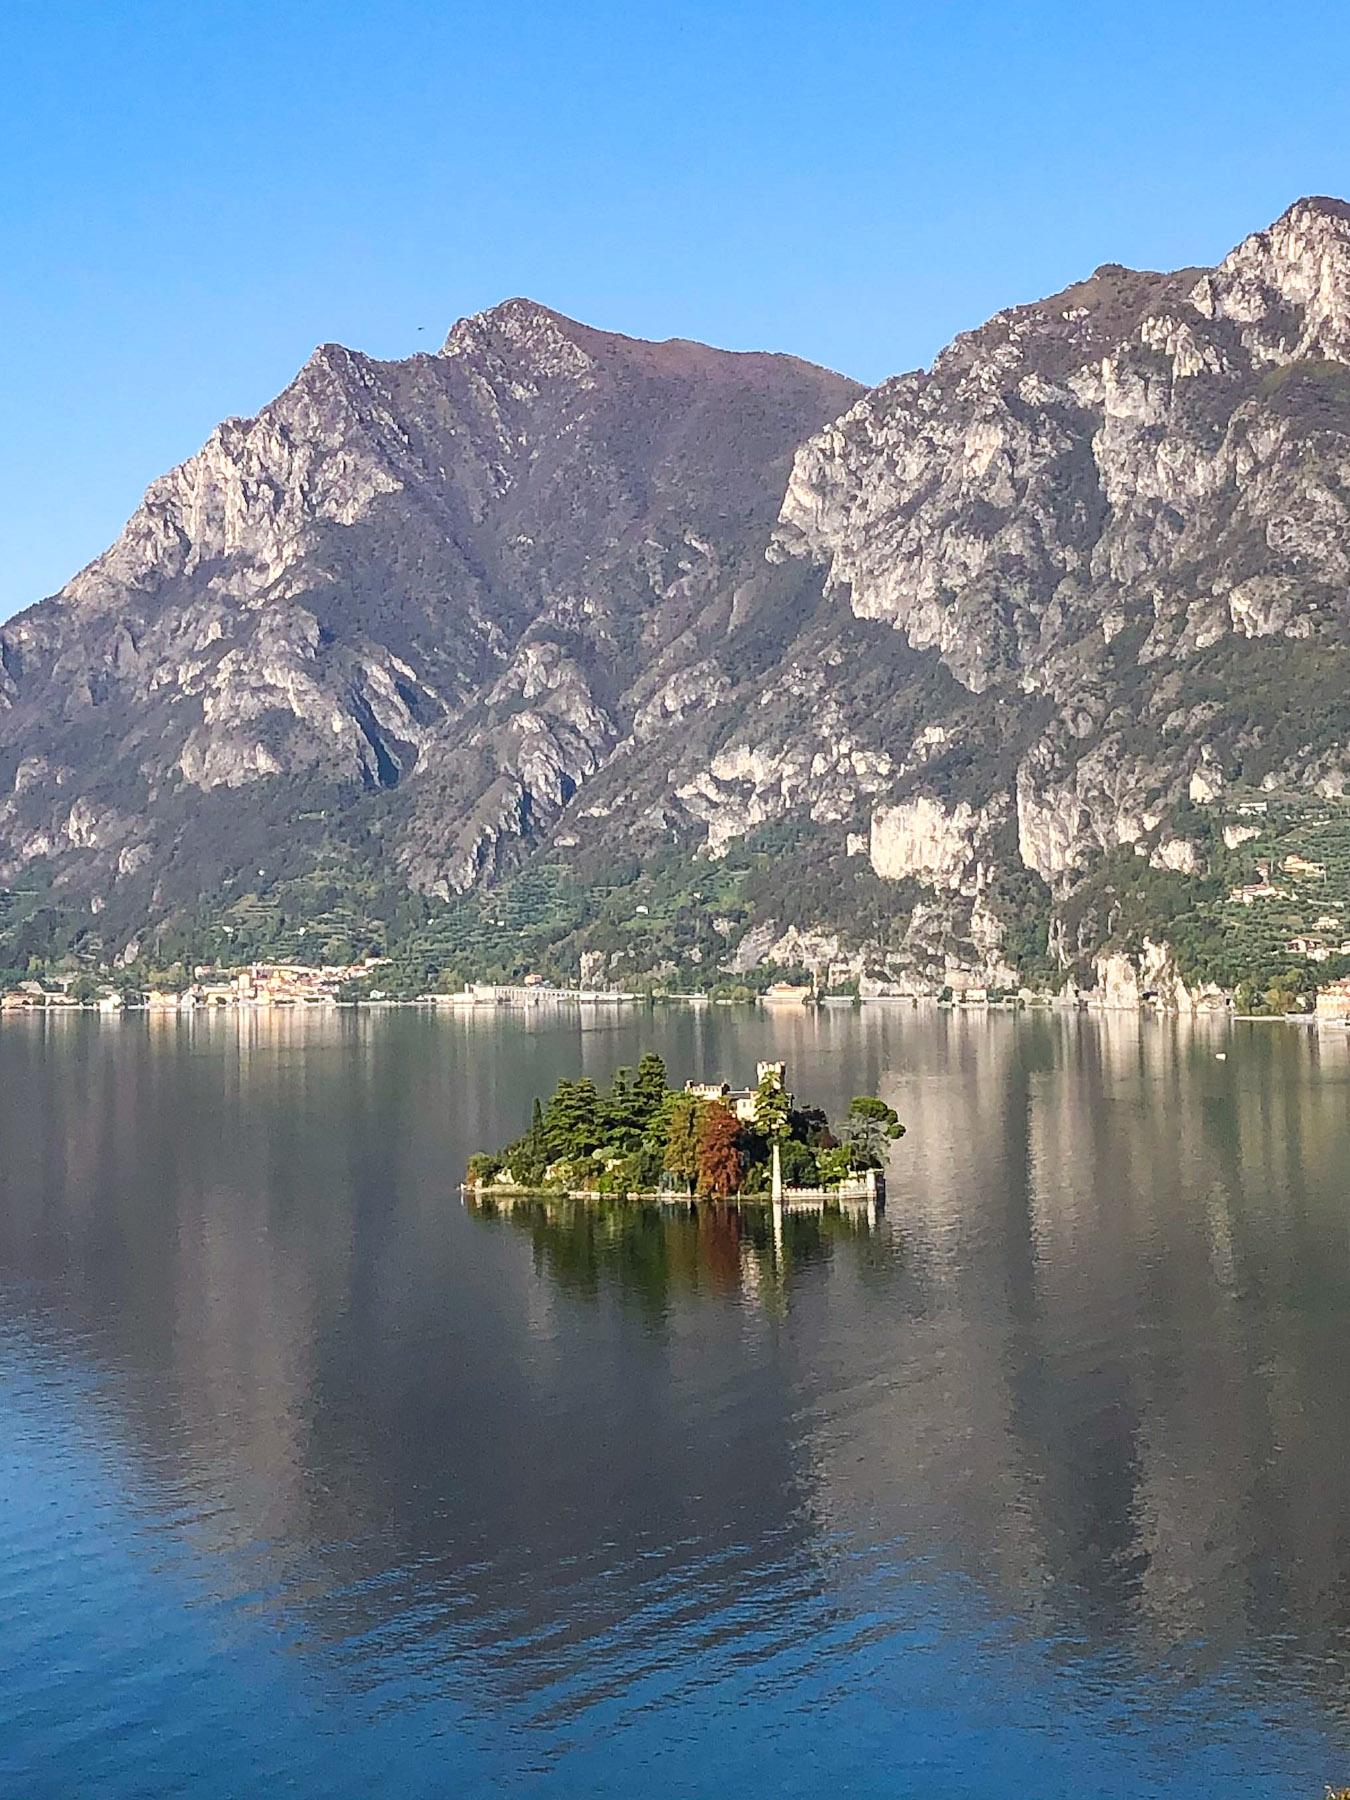 Isola di Loreto, Lago d'Iseo, Italy